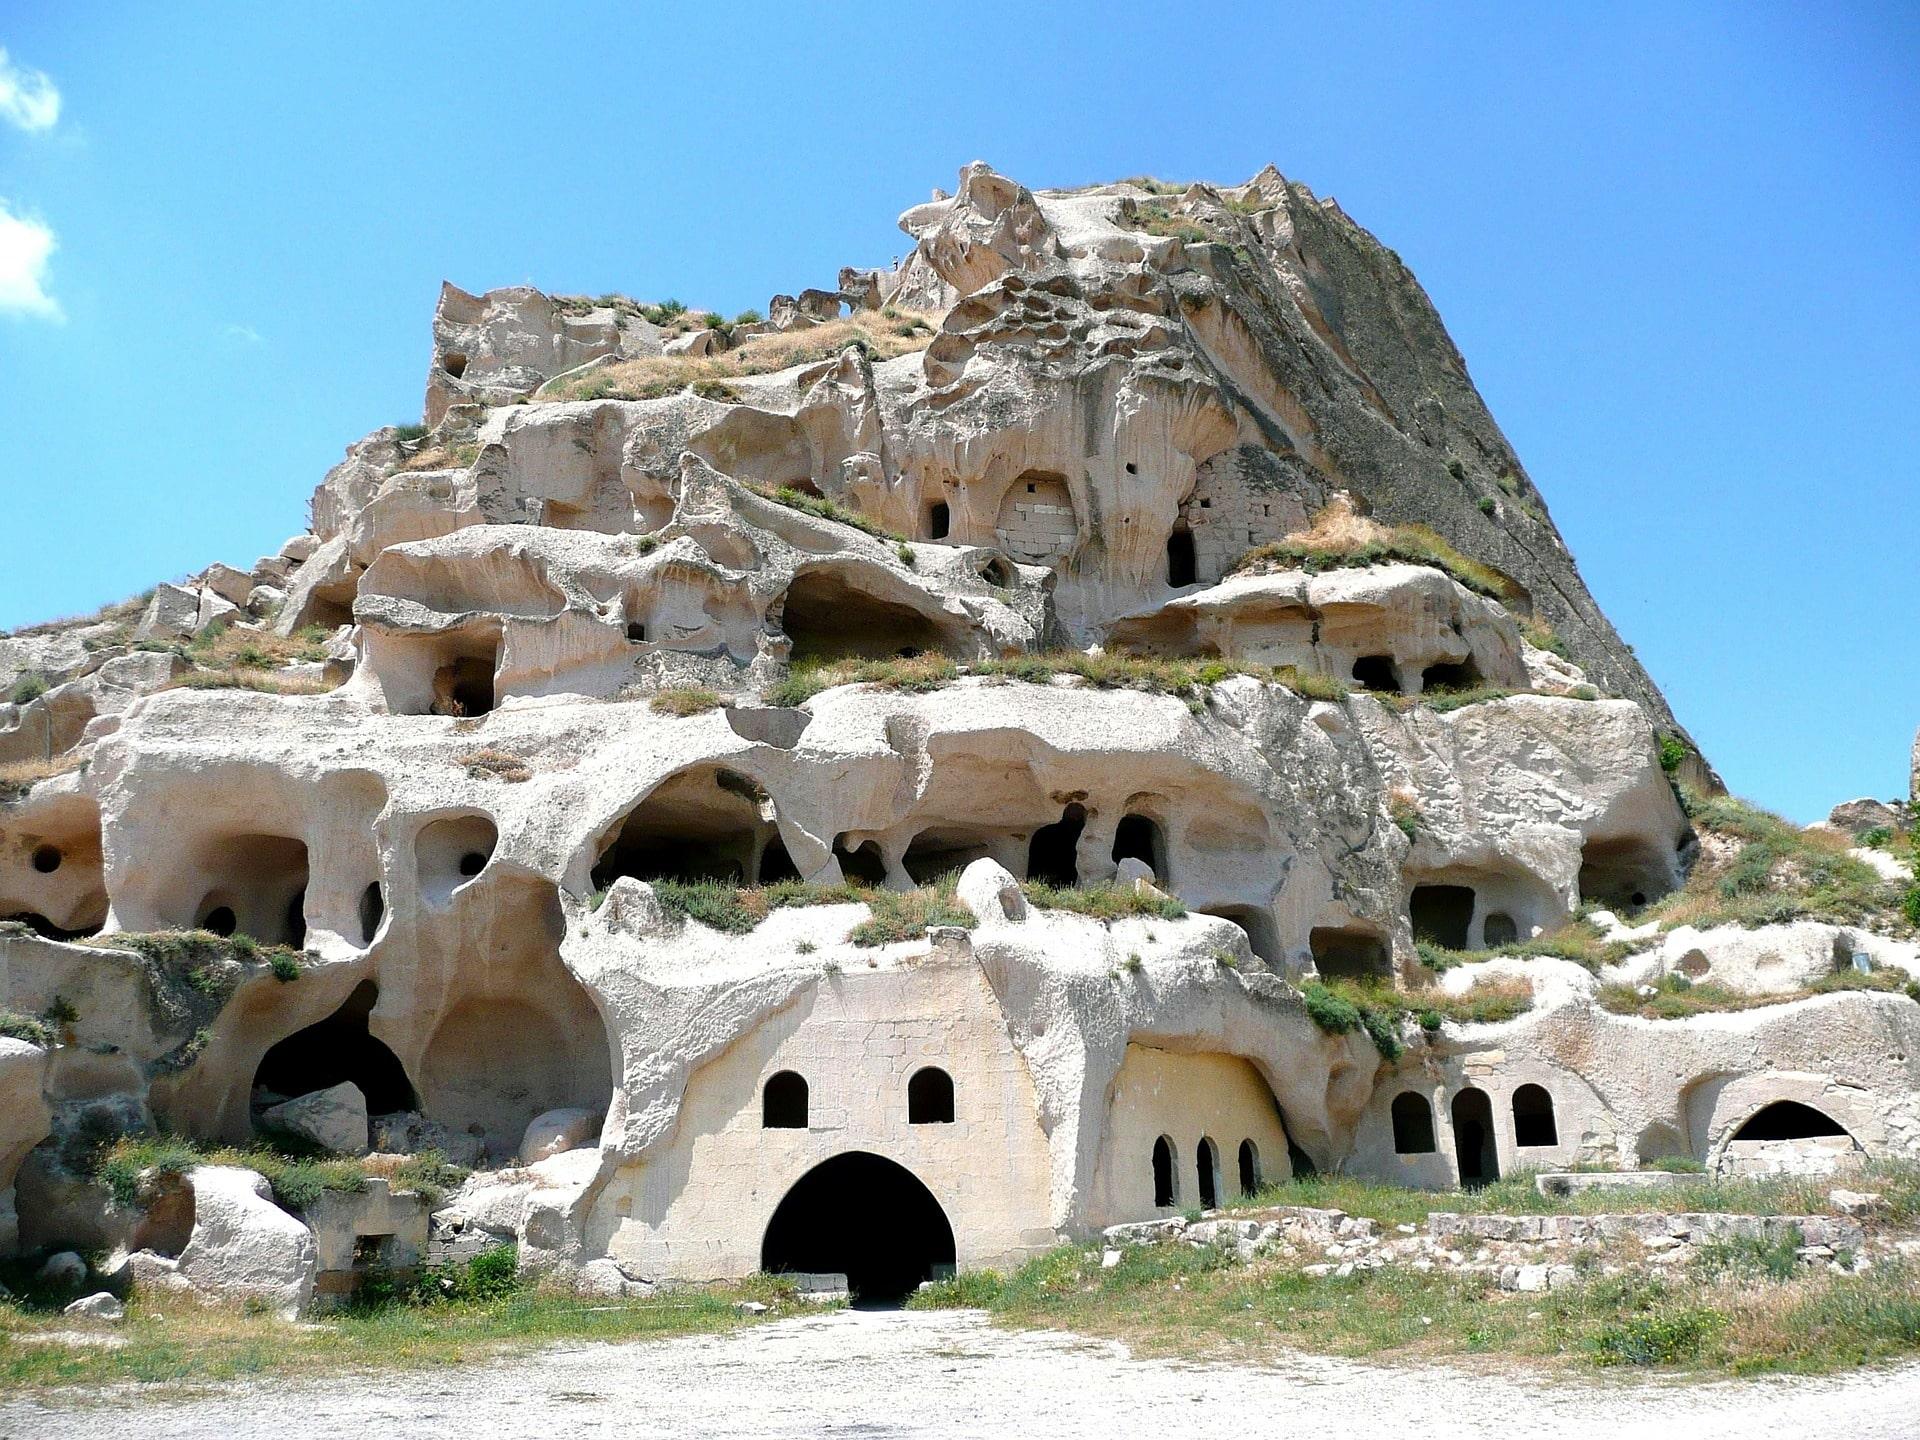 Uchisar en Capadocia, Turquía, 10 cosas que hacer, cuevas, refugios